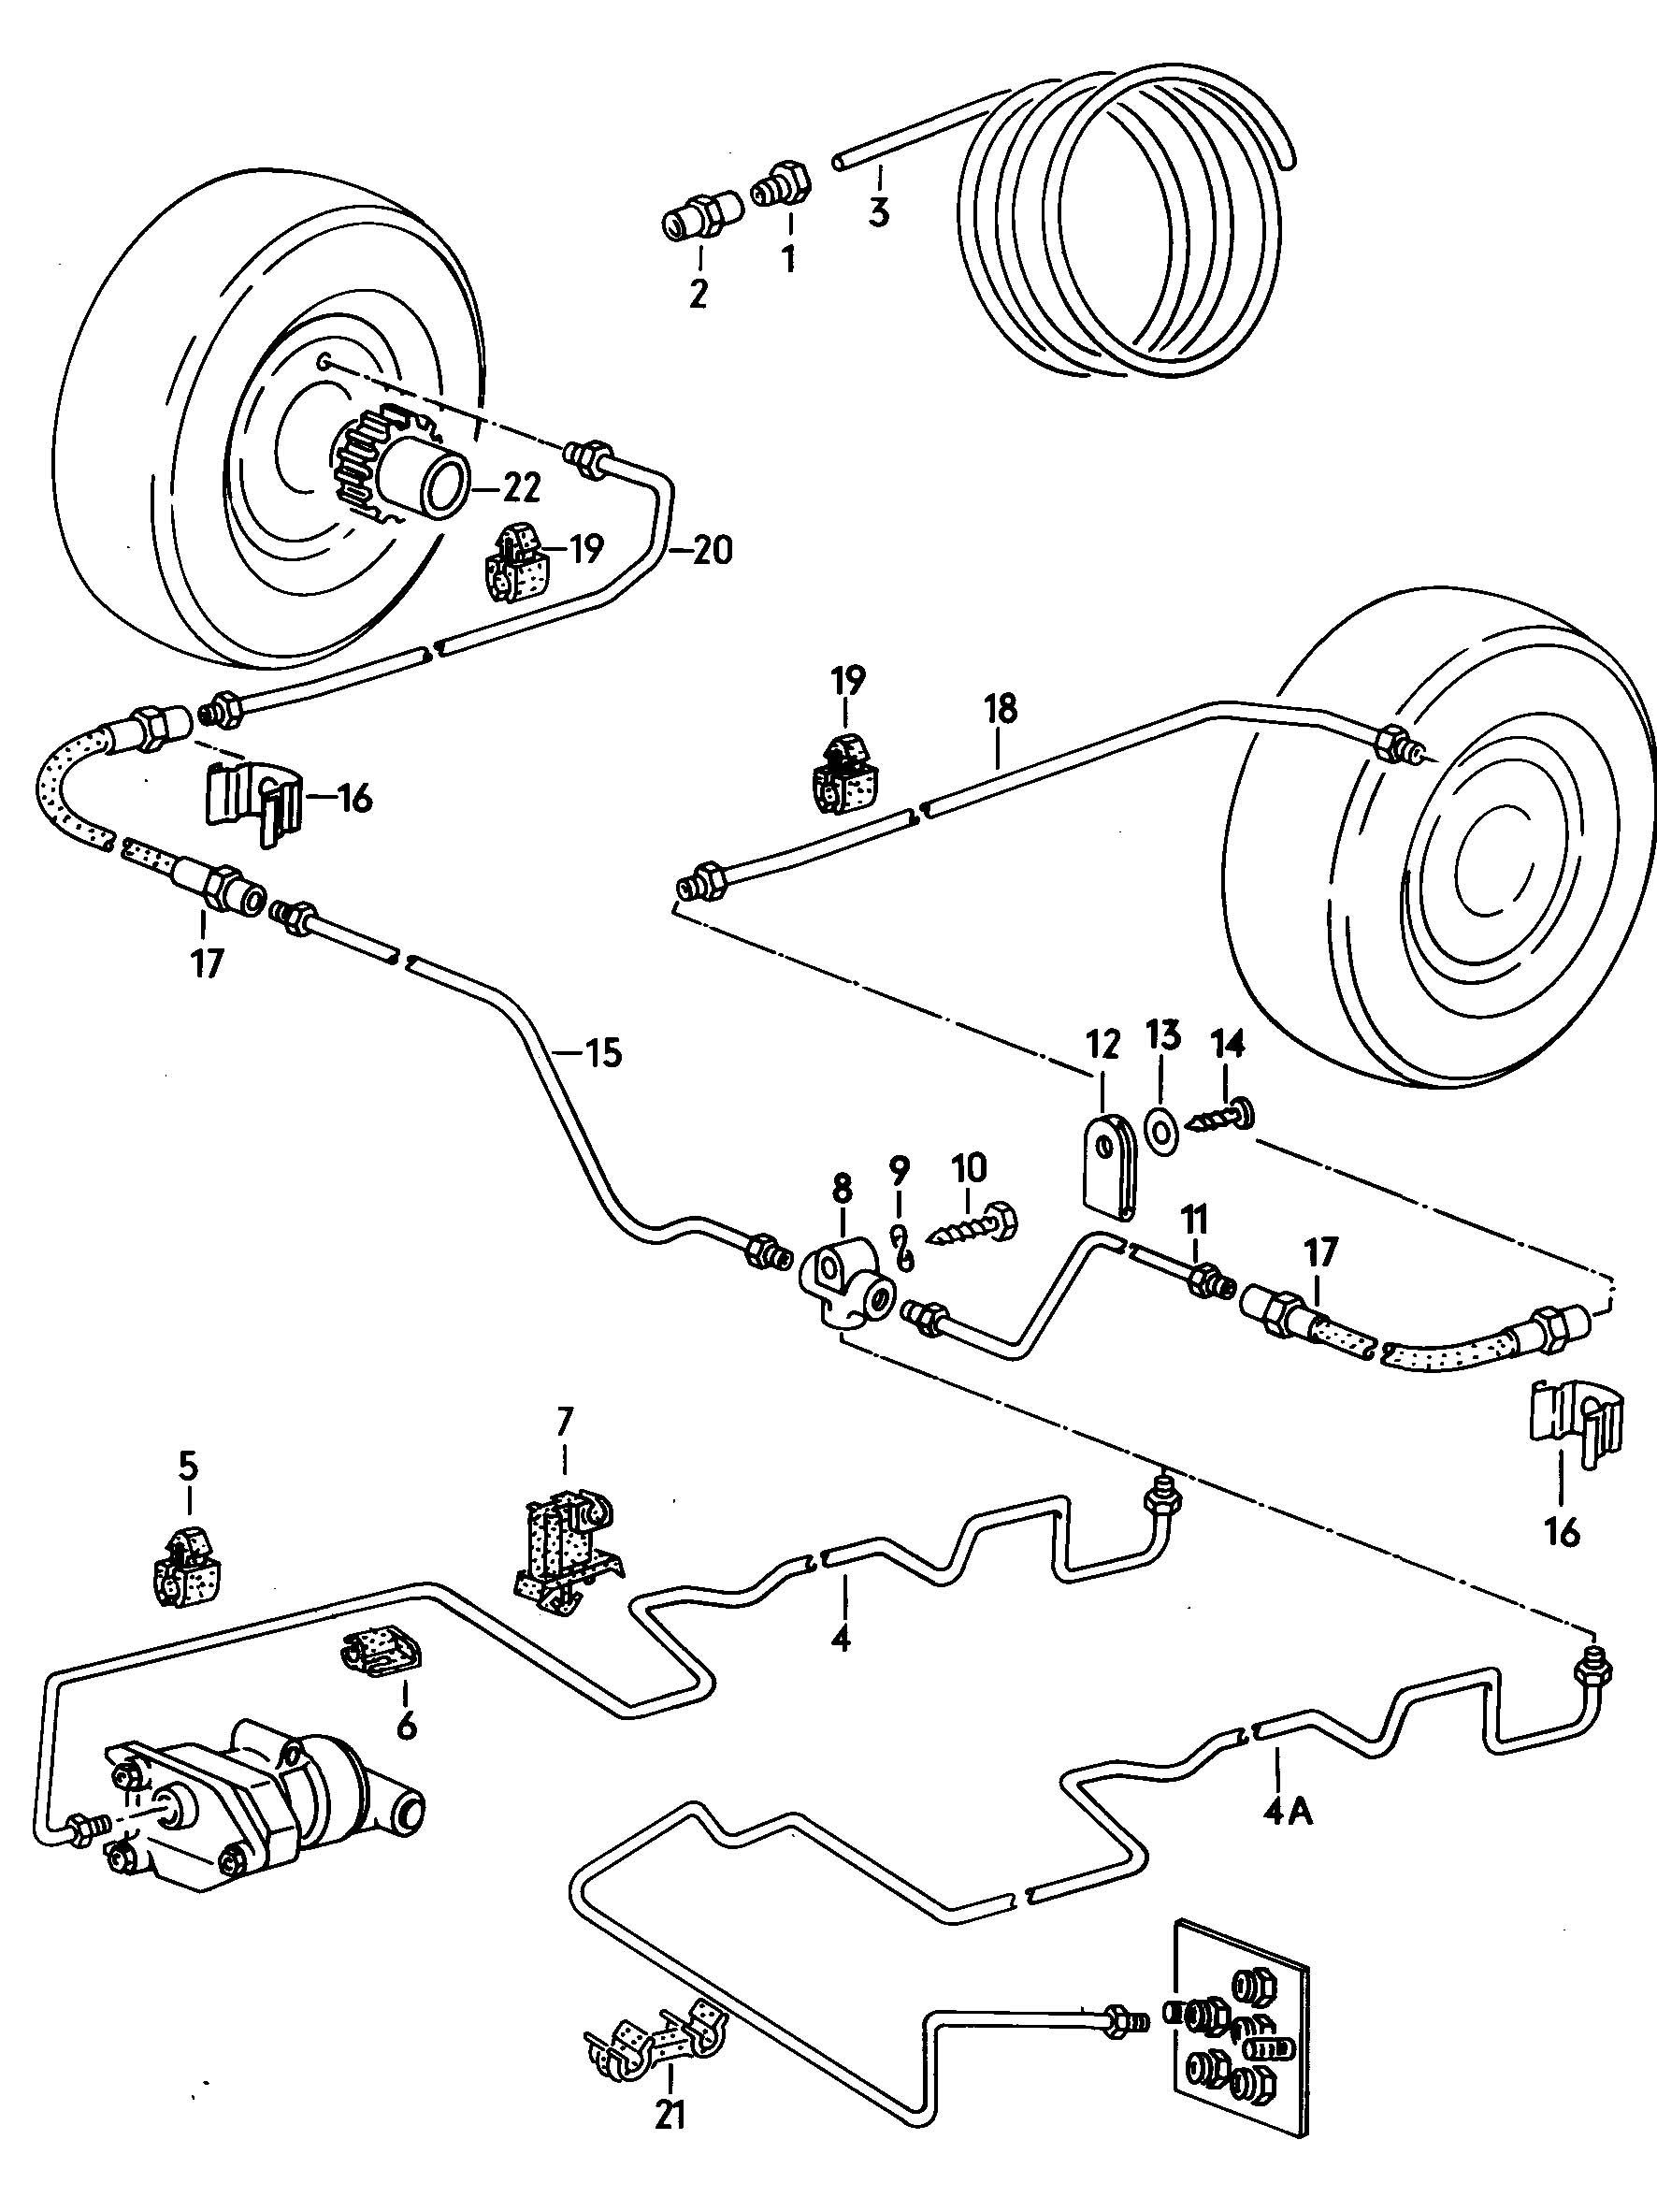 97 vw cabrio wiring diagram